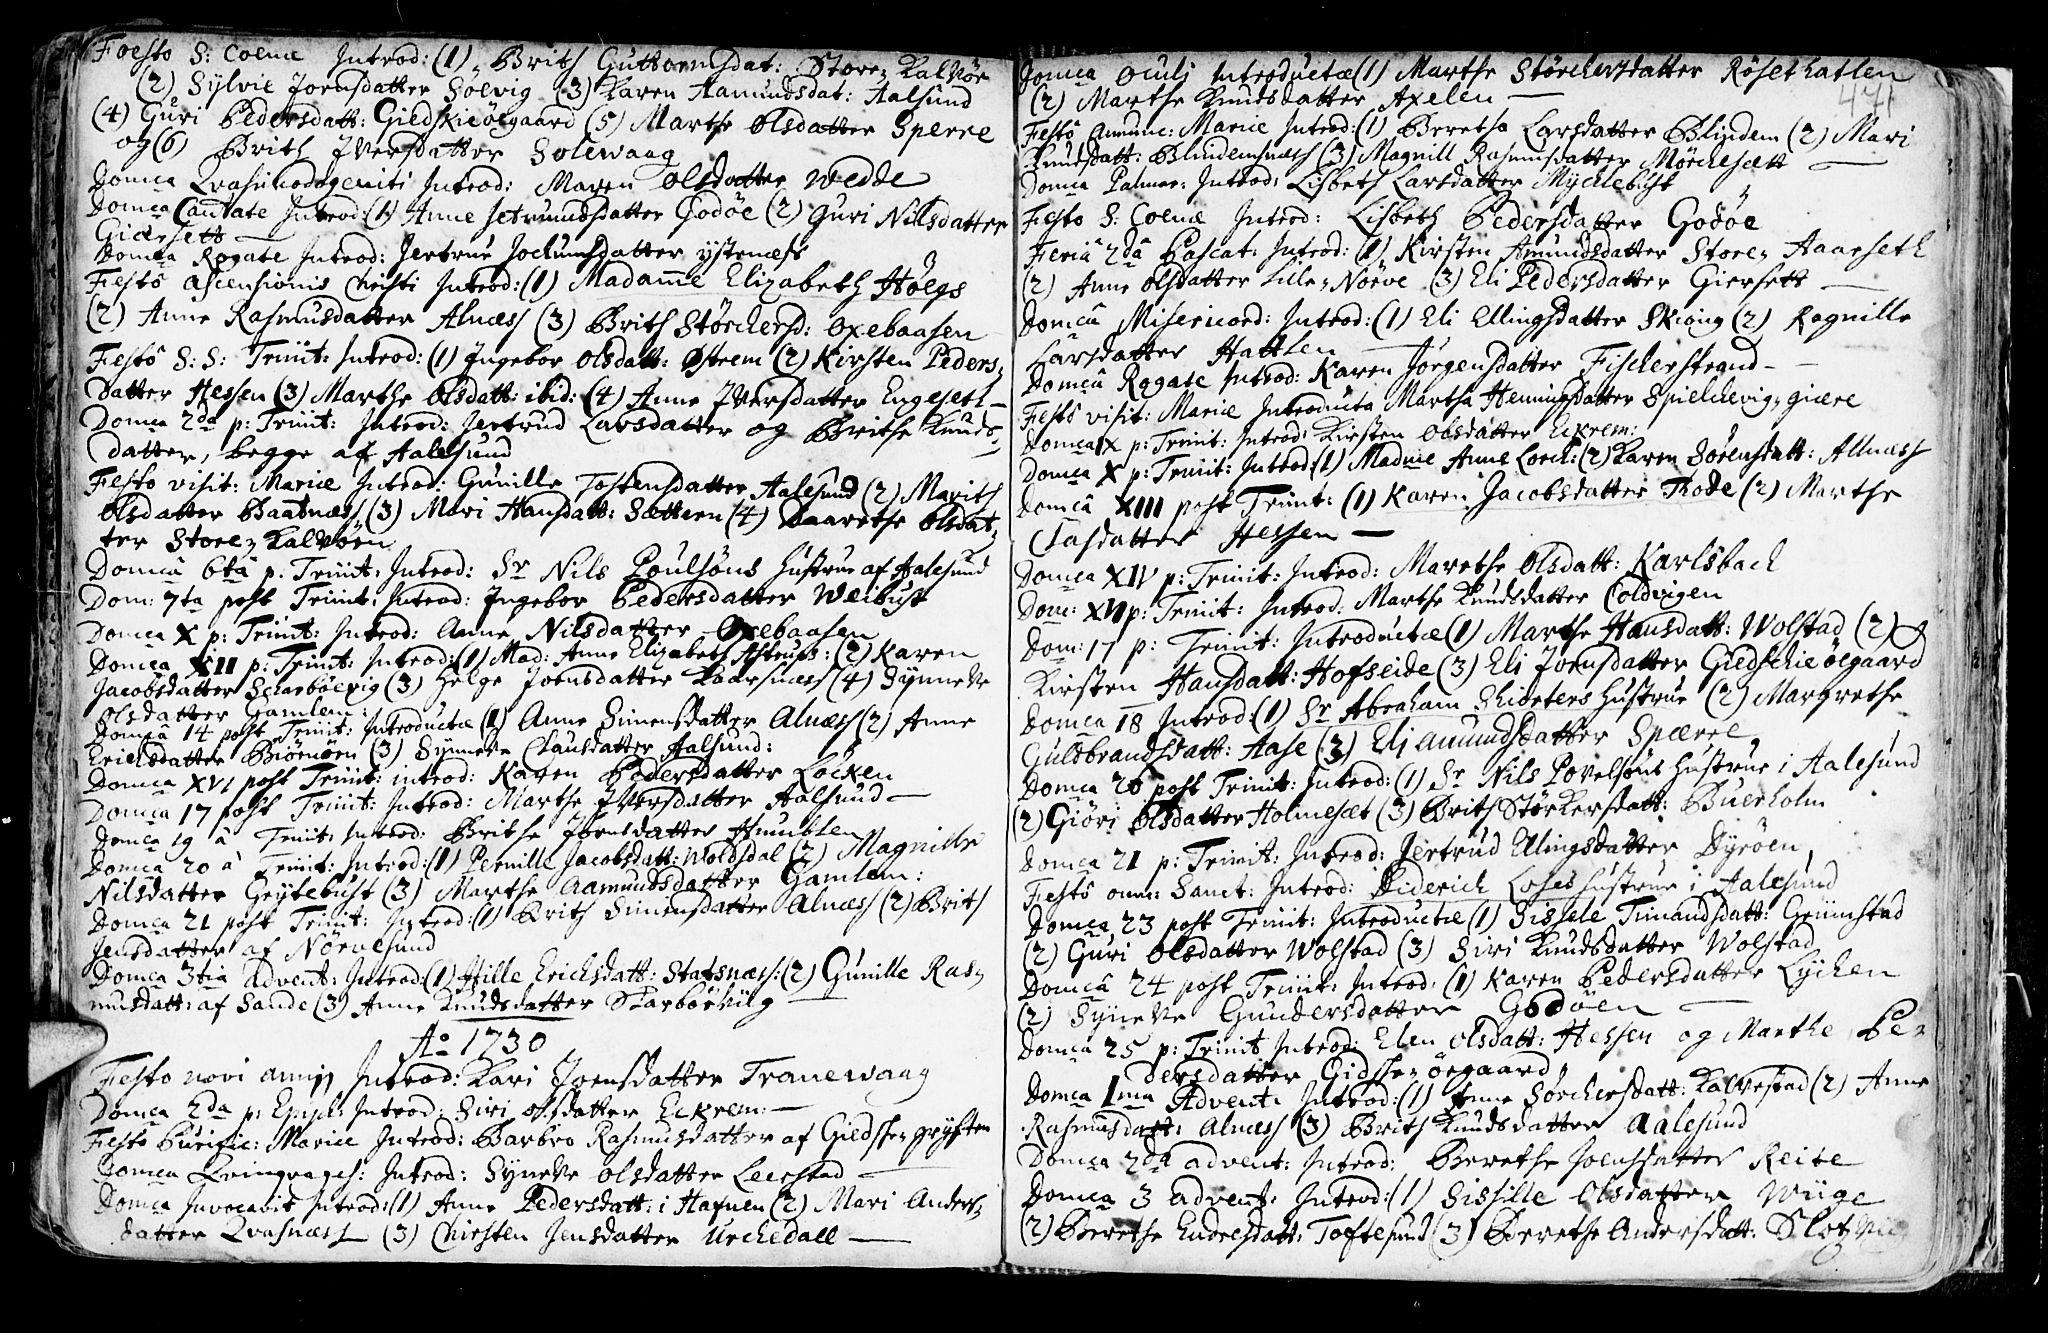 SAT, Ministerialprotokoller, klokkerbøker og fødselsregistre - Møre og Romsdal, 528/L0390: Ministerialbok nr. 528A01, 1698-1739, s. 470-471